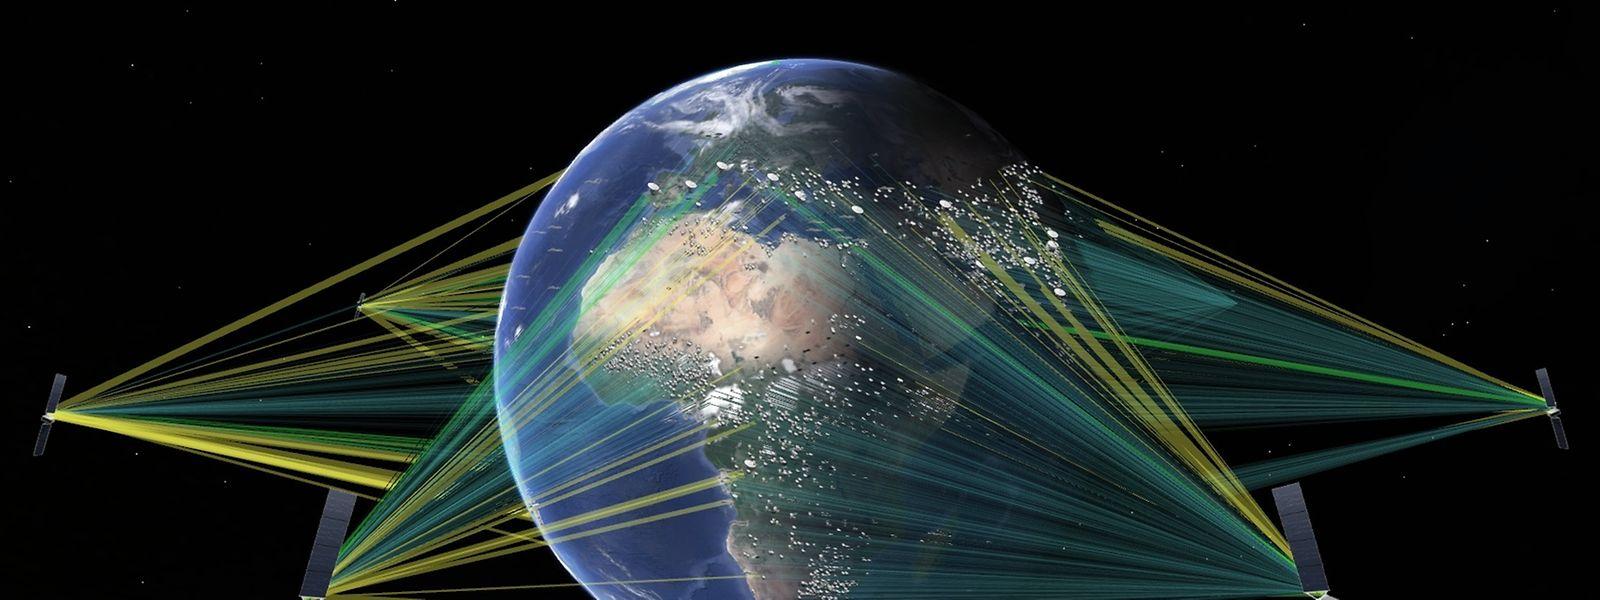 L'orbite moyenne est celle qui offre le meilleur compromis entre la latence et la couverture géographique. Avec la future génération de satellites de chez Boeing, la SES va forcément prendre de l'avance sur ses concurrents et sur les géants du net.